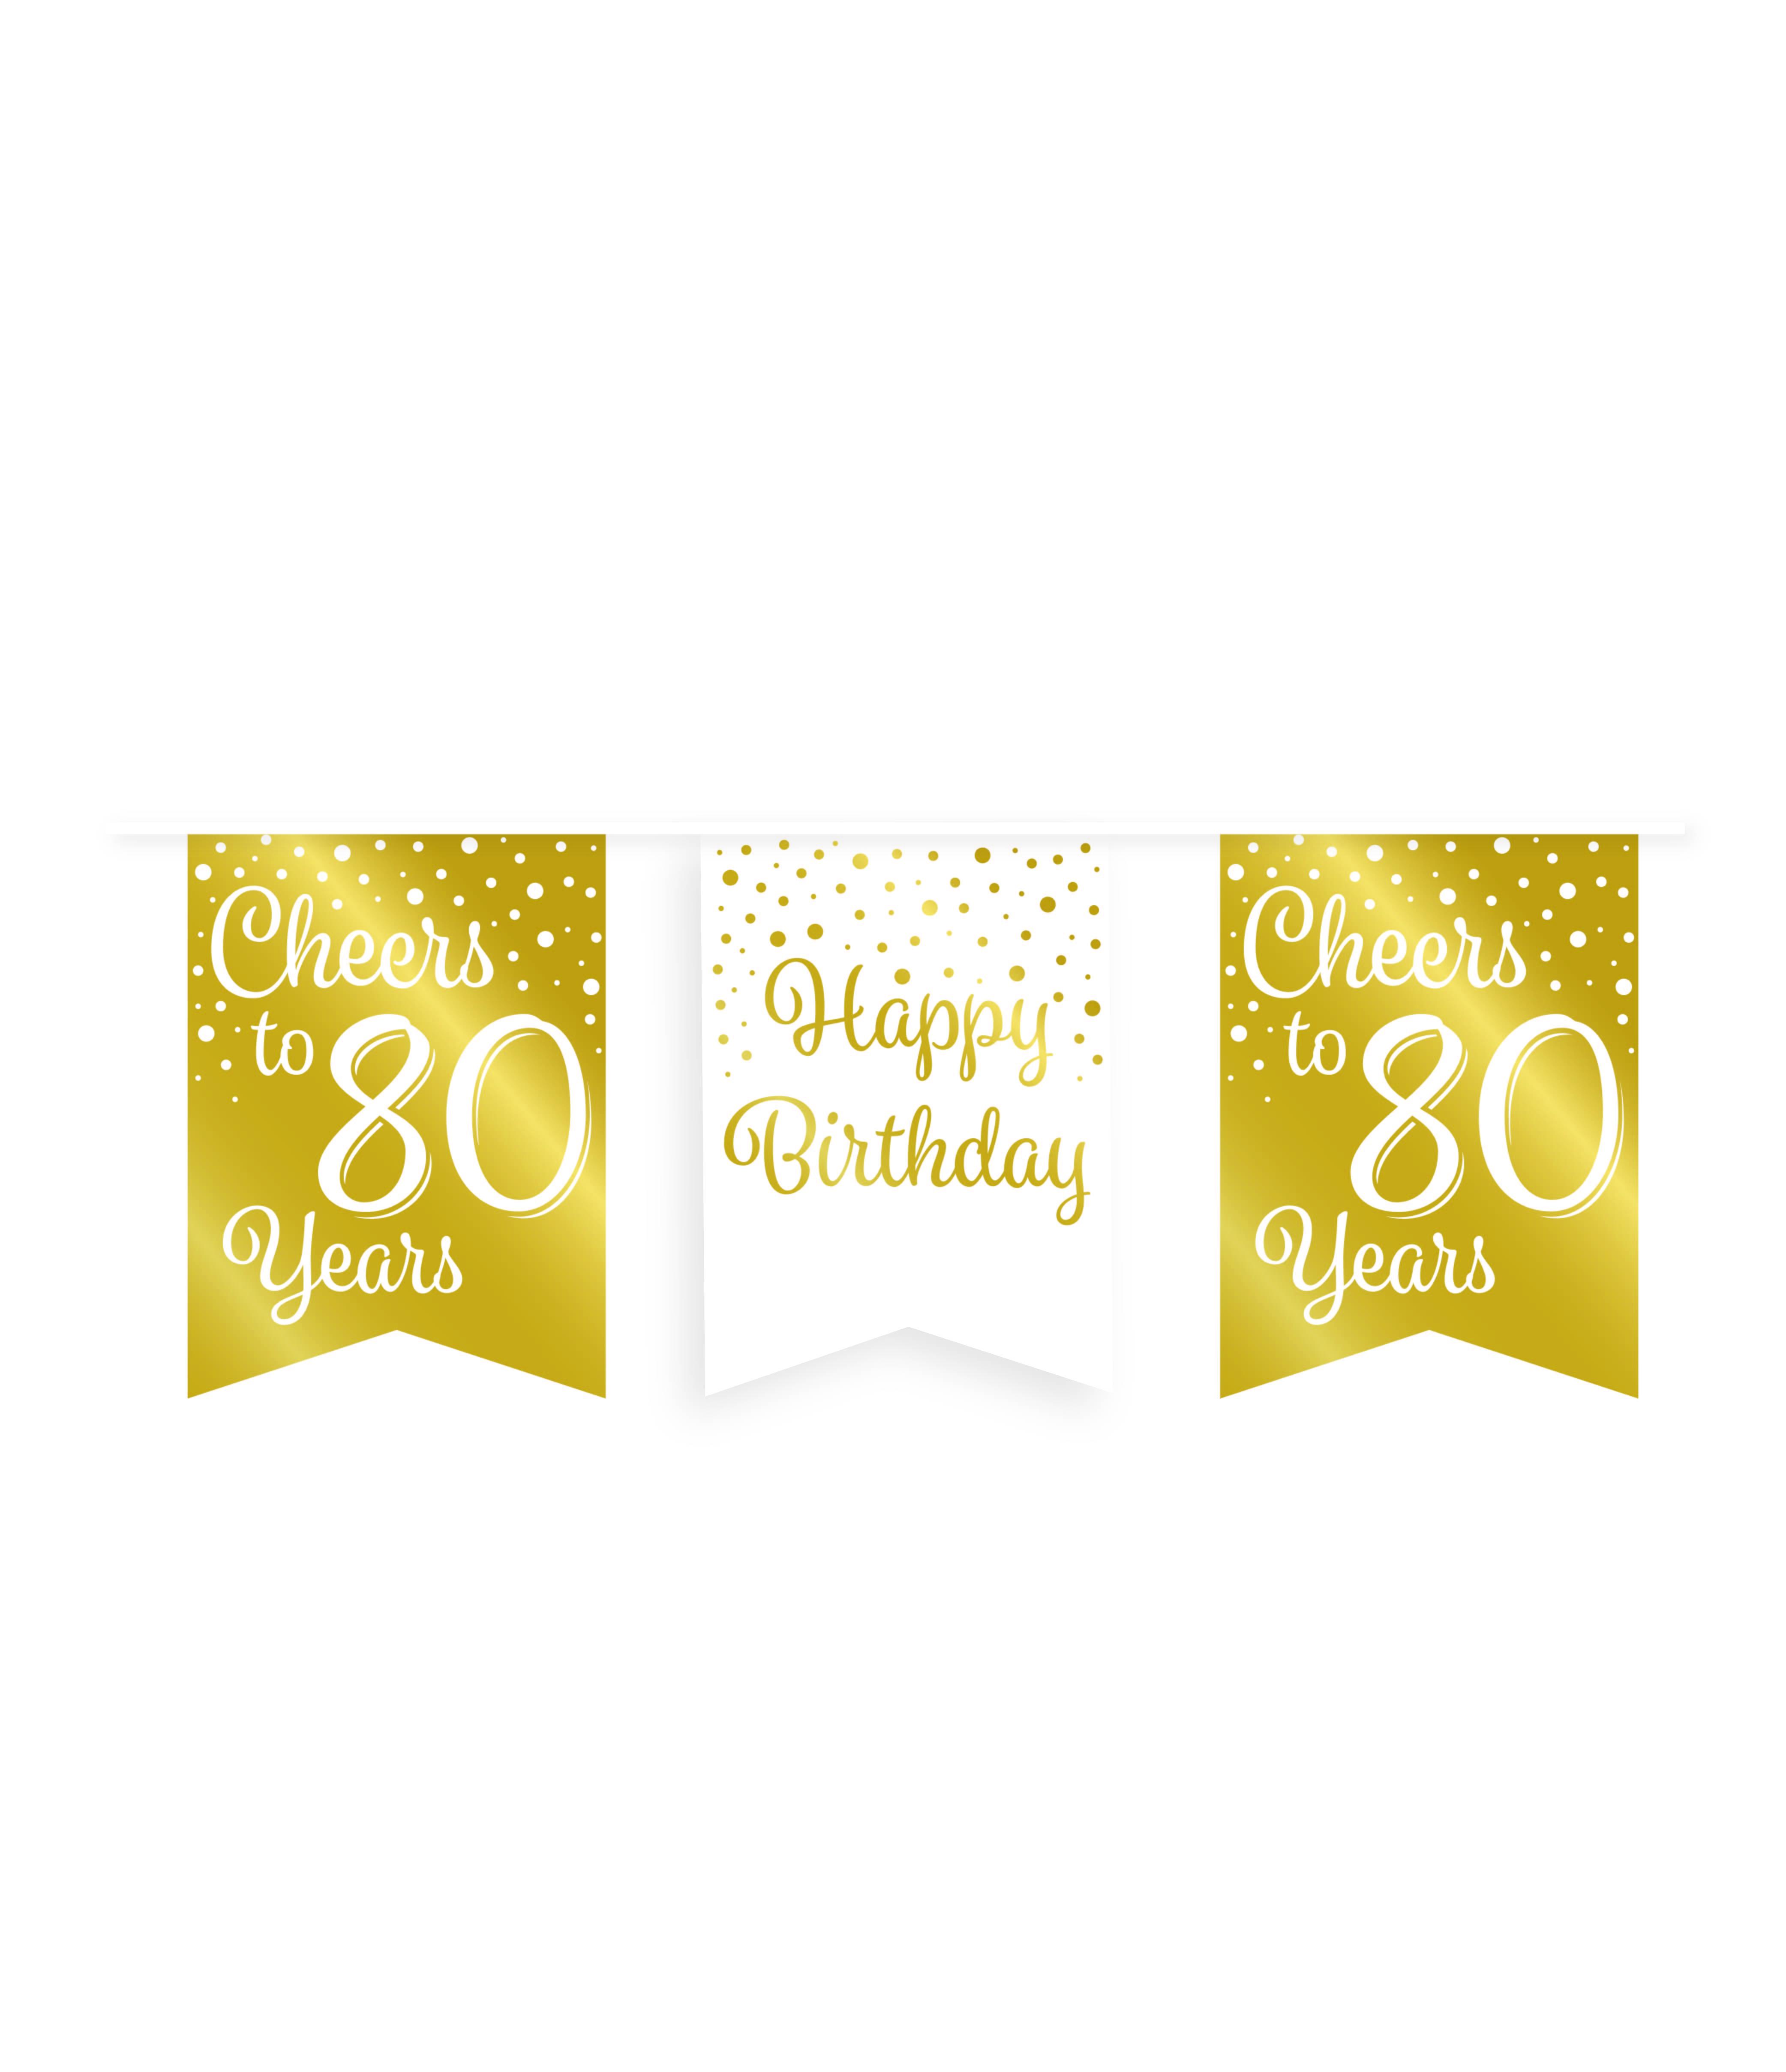 6m Vlaggenlijn Goud/Wit Cheers to 80 Years